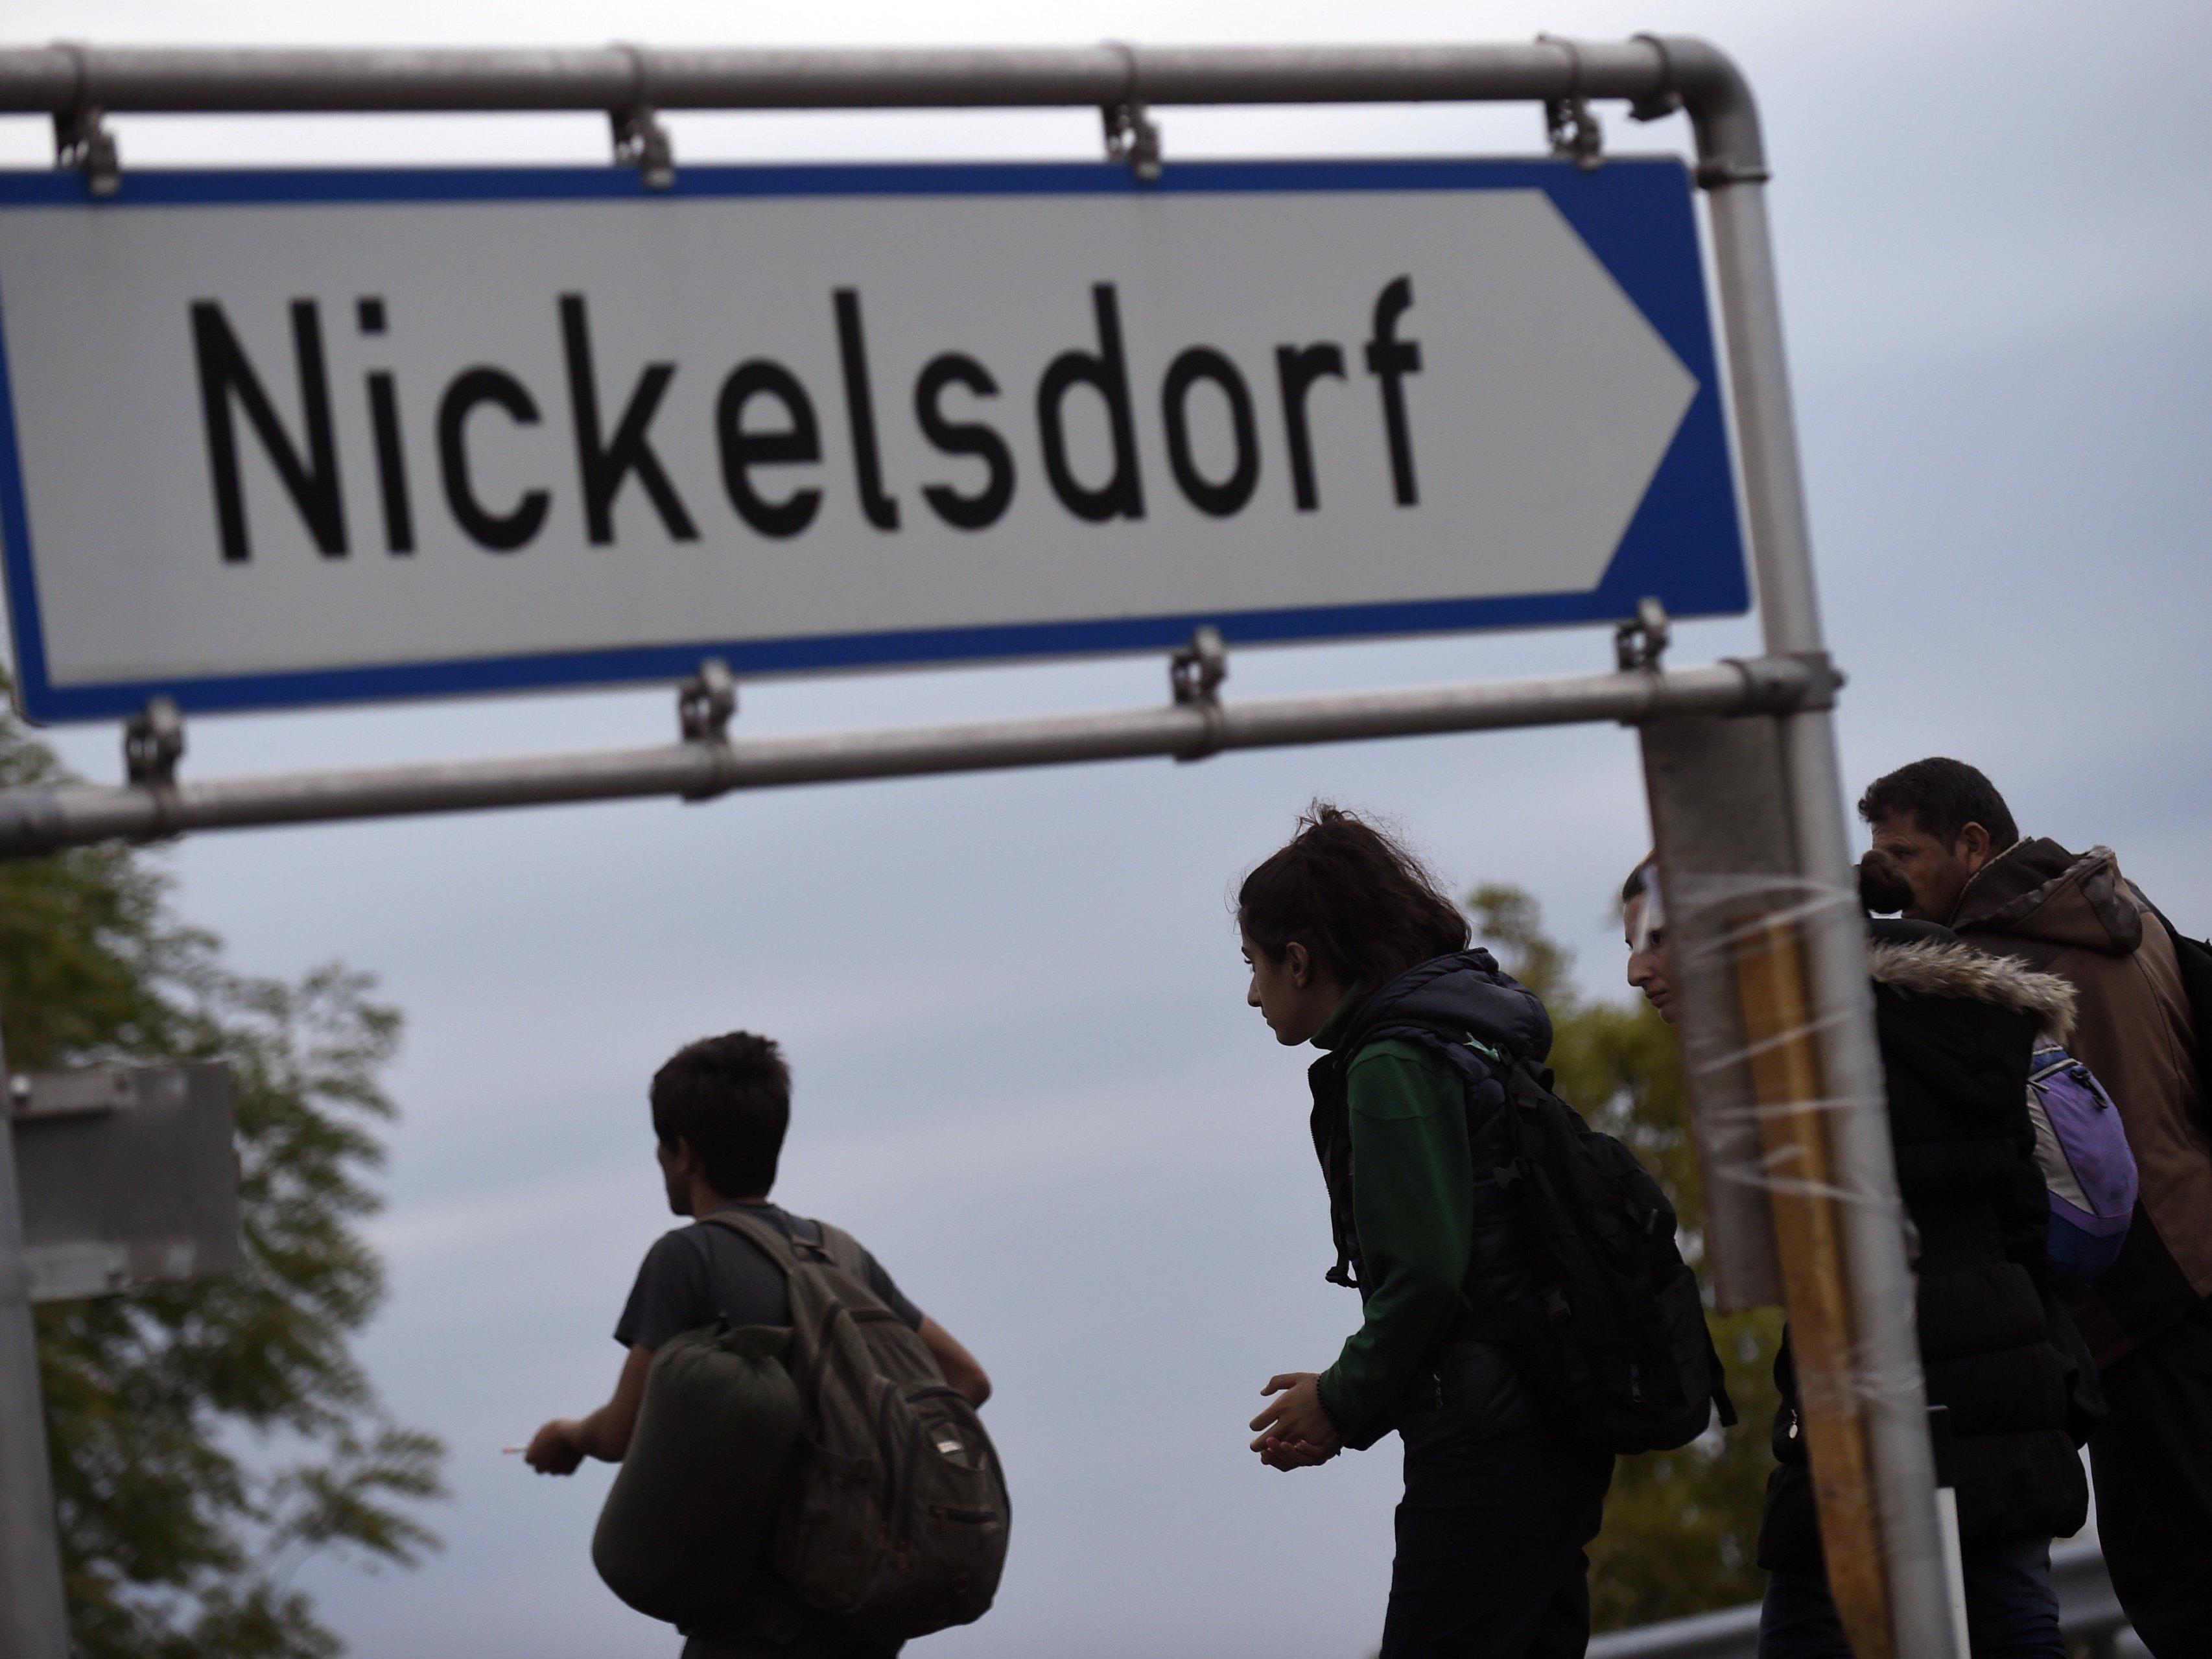 In der Nacht werden noch 5.000 weitere Flüchtlinge in Nickelsdorf erwartet.